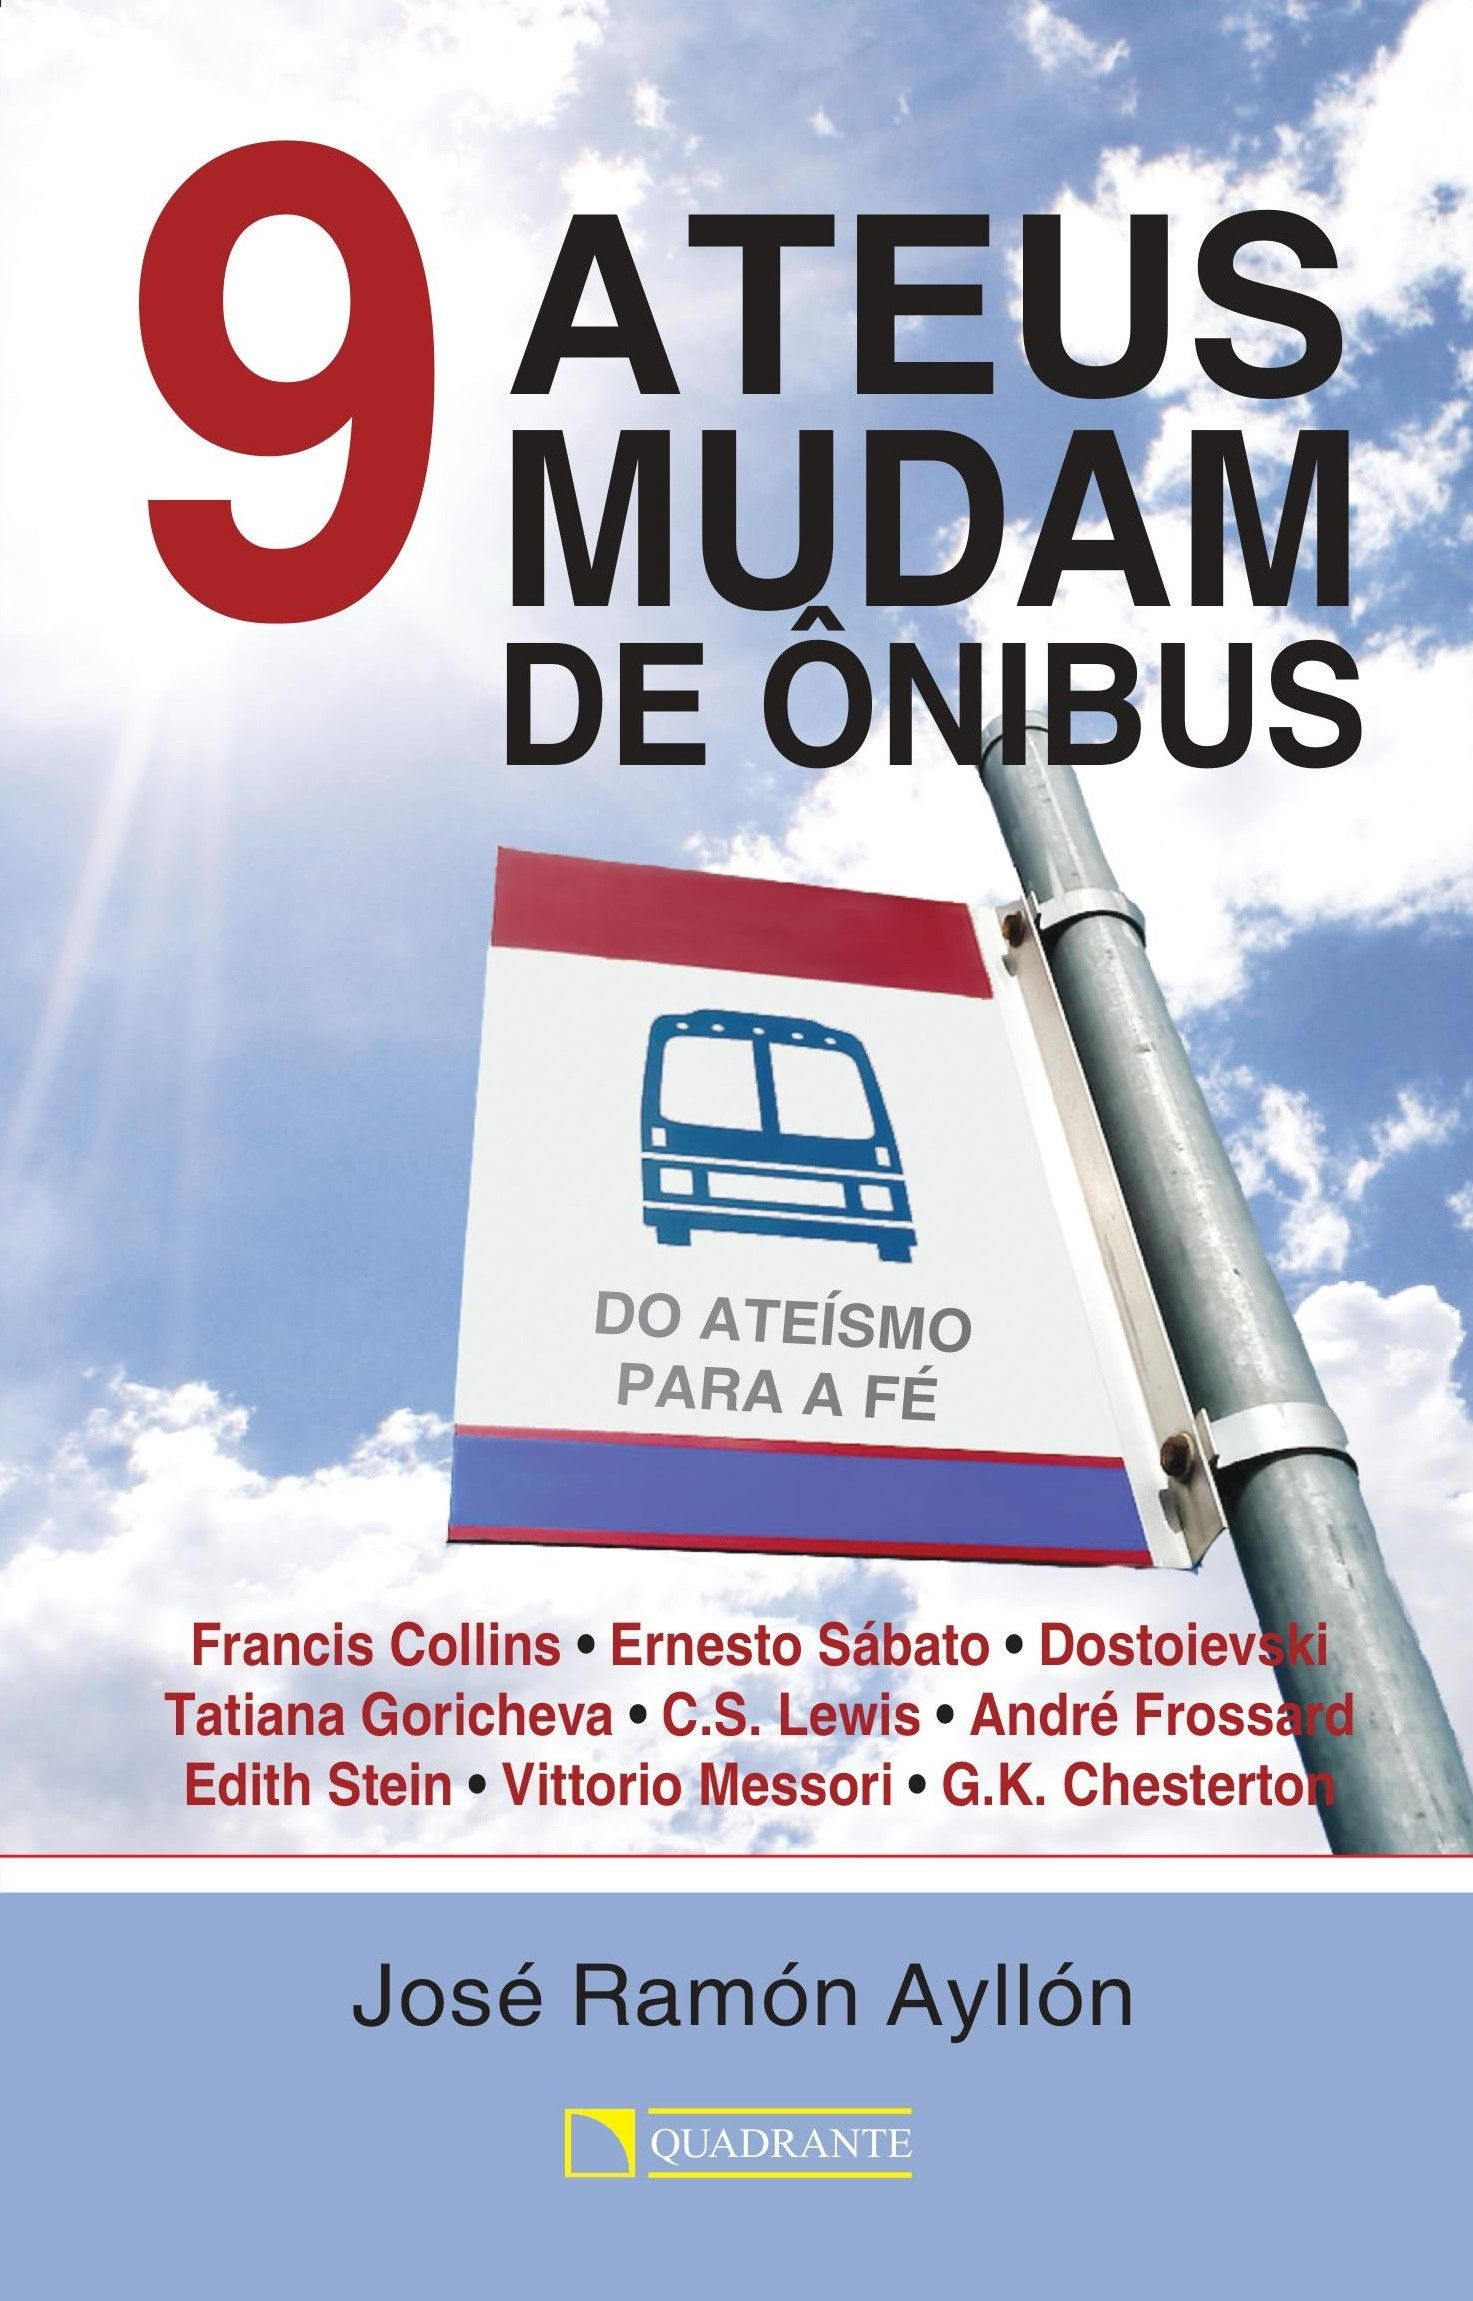 9 ateus mudam de ônibus